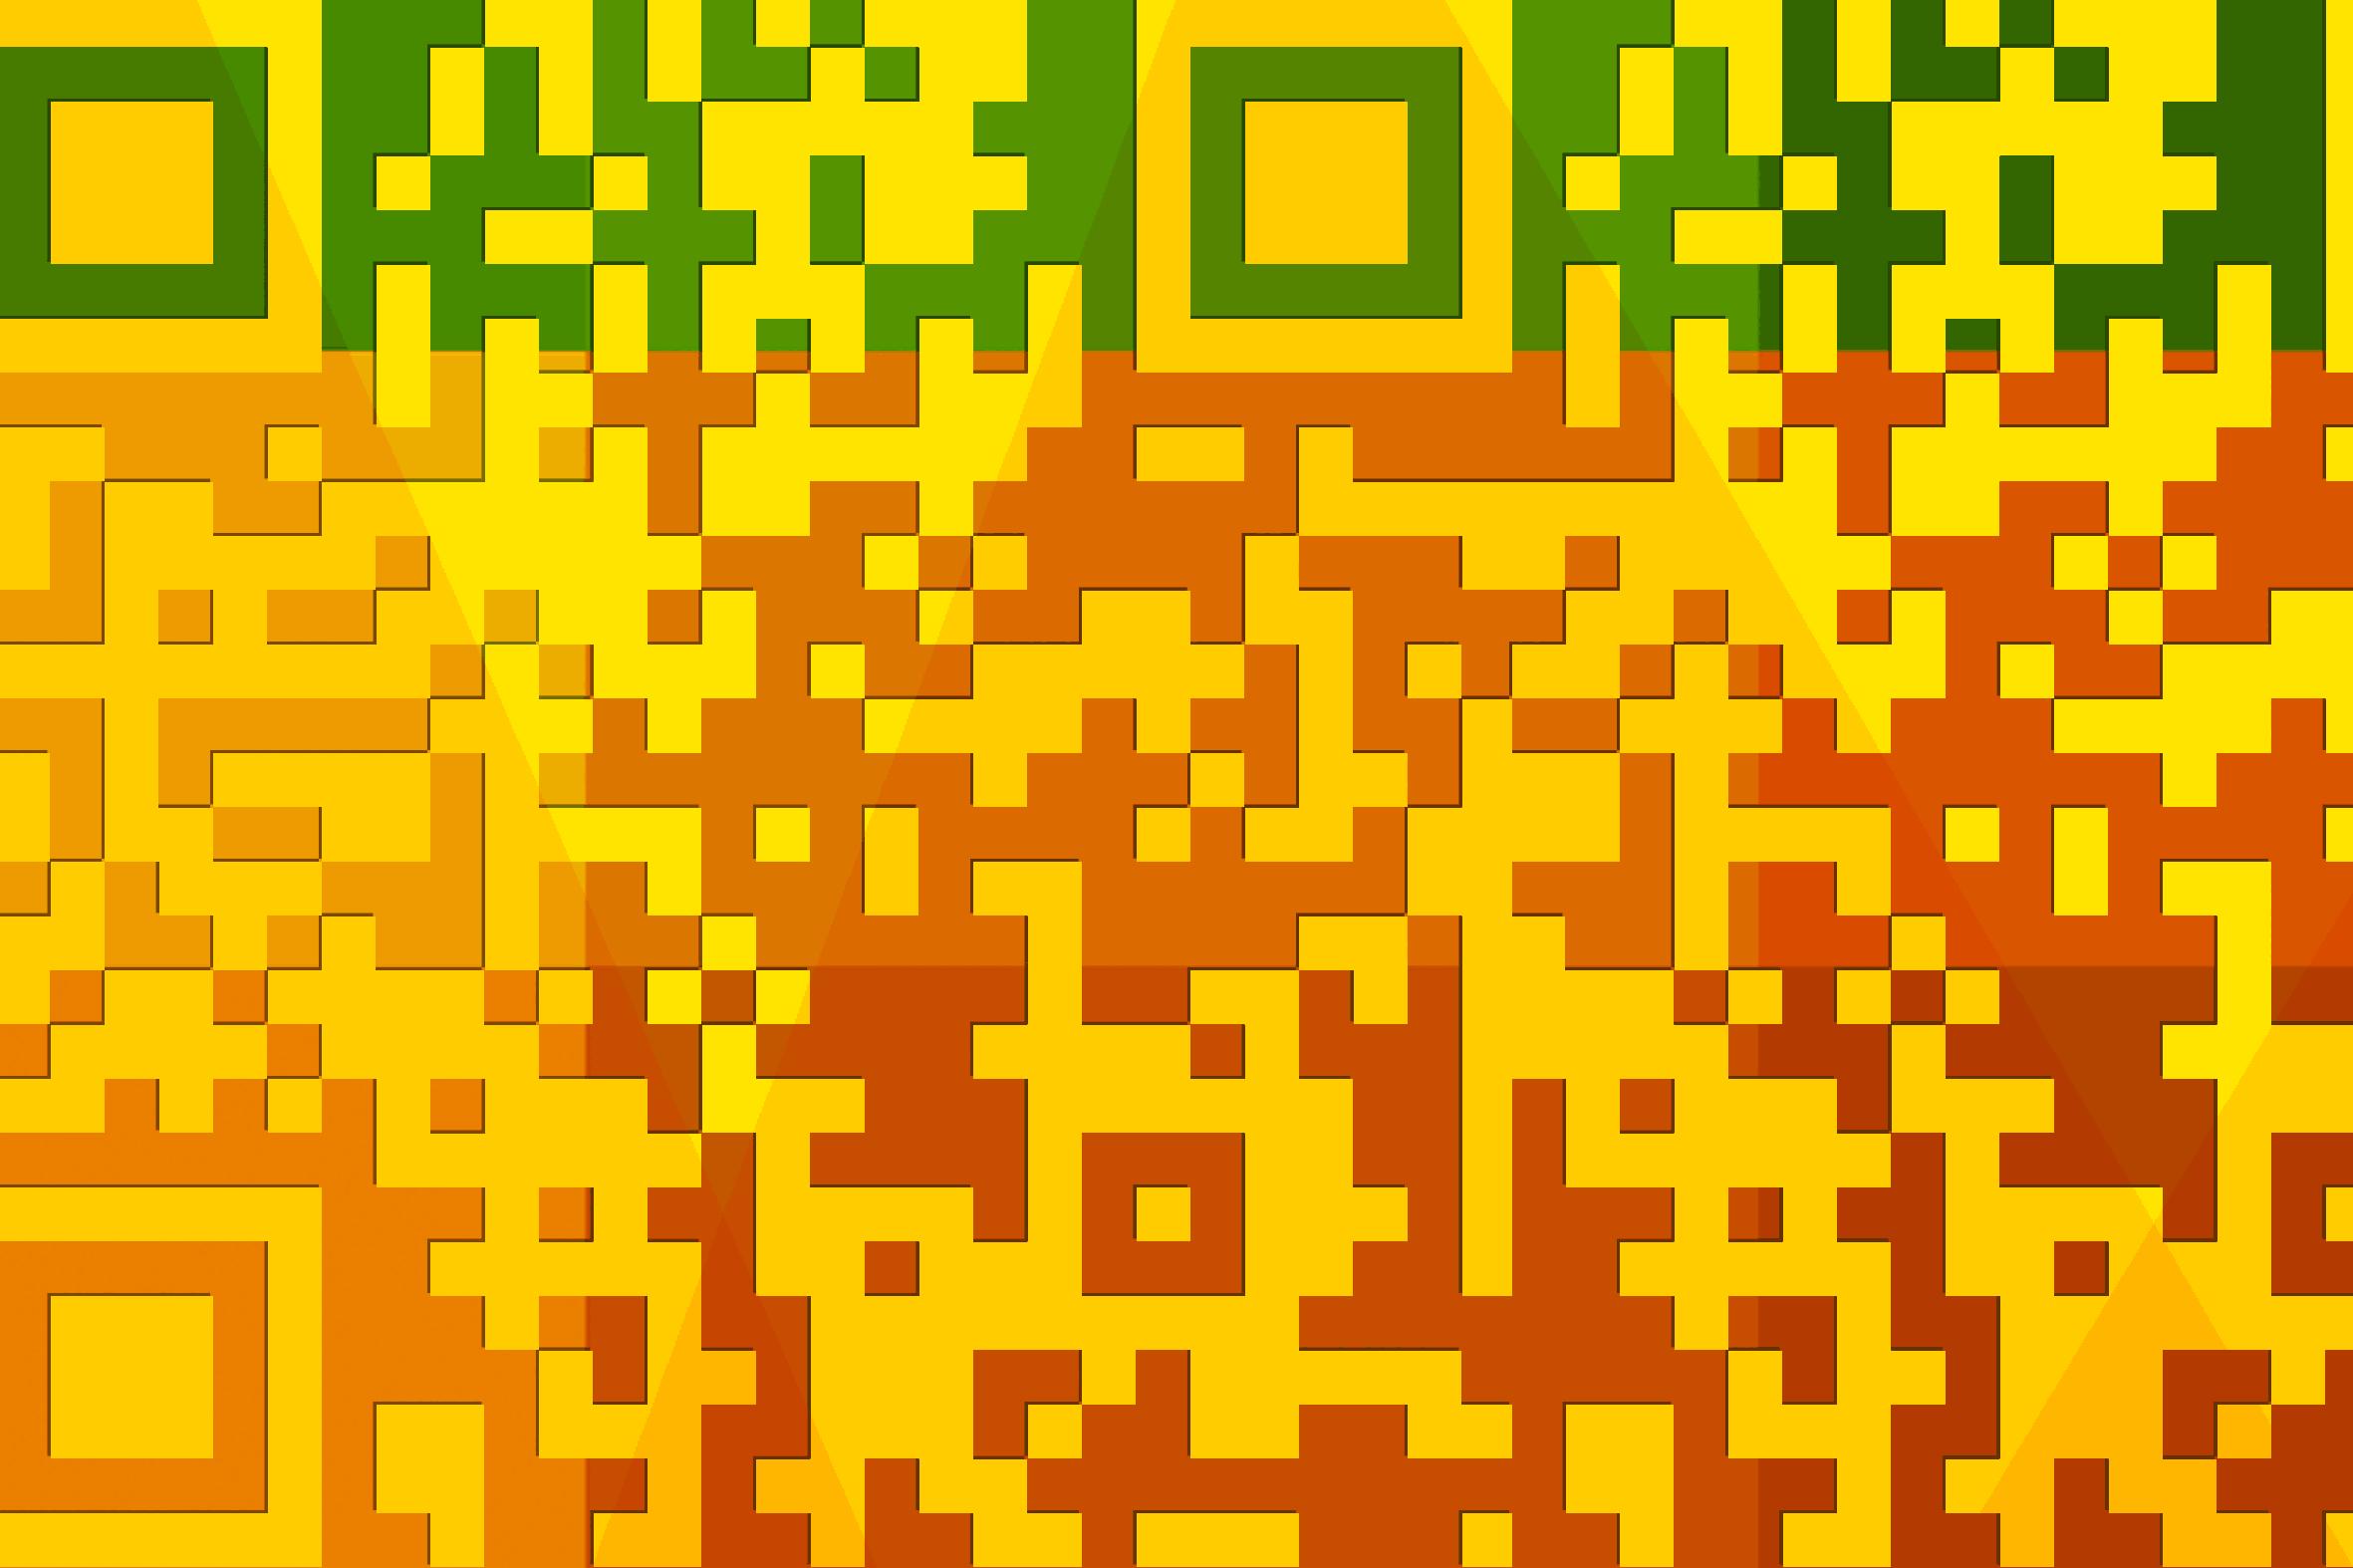 image-flashcode